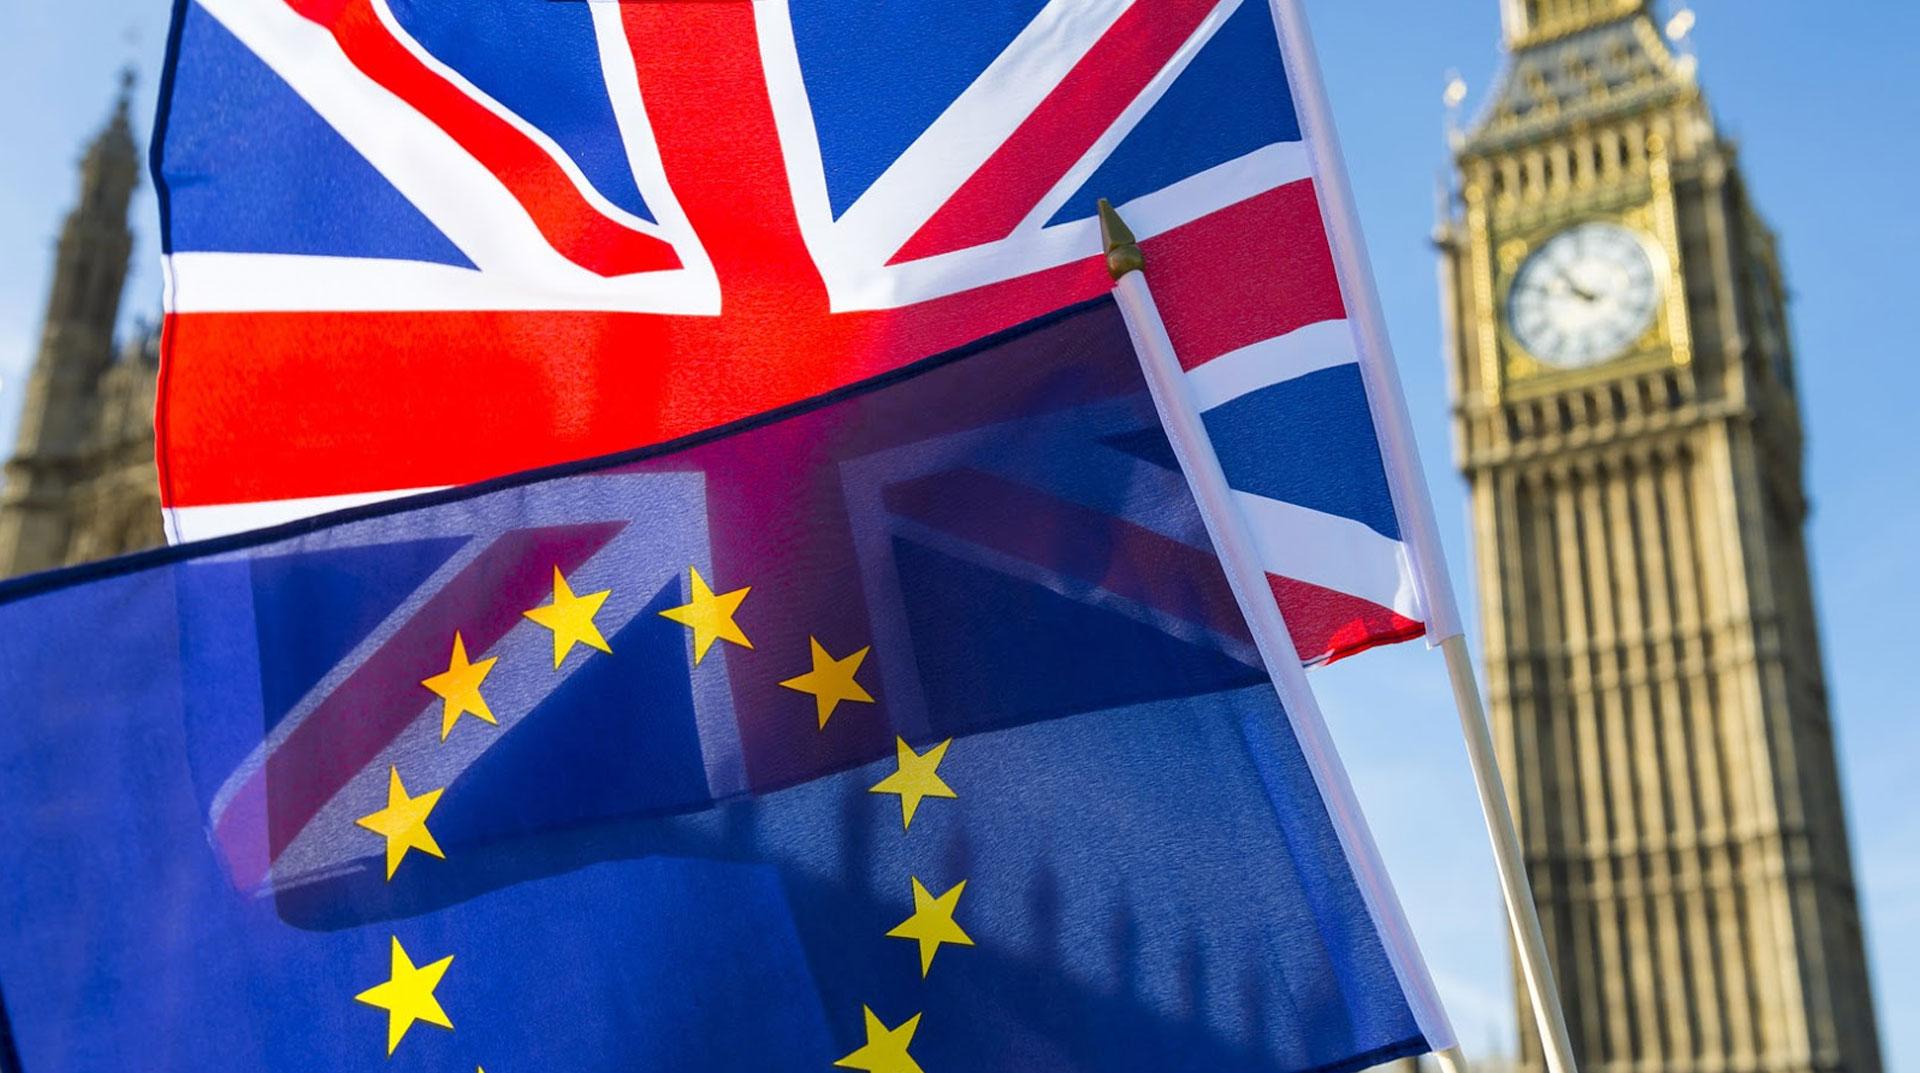 Tarih Belirlendi! Brexit Sonrası AB ve İngiltere Anlaşma Yapacak